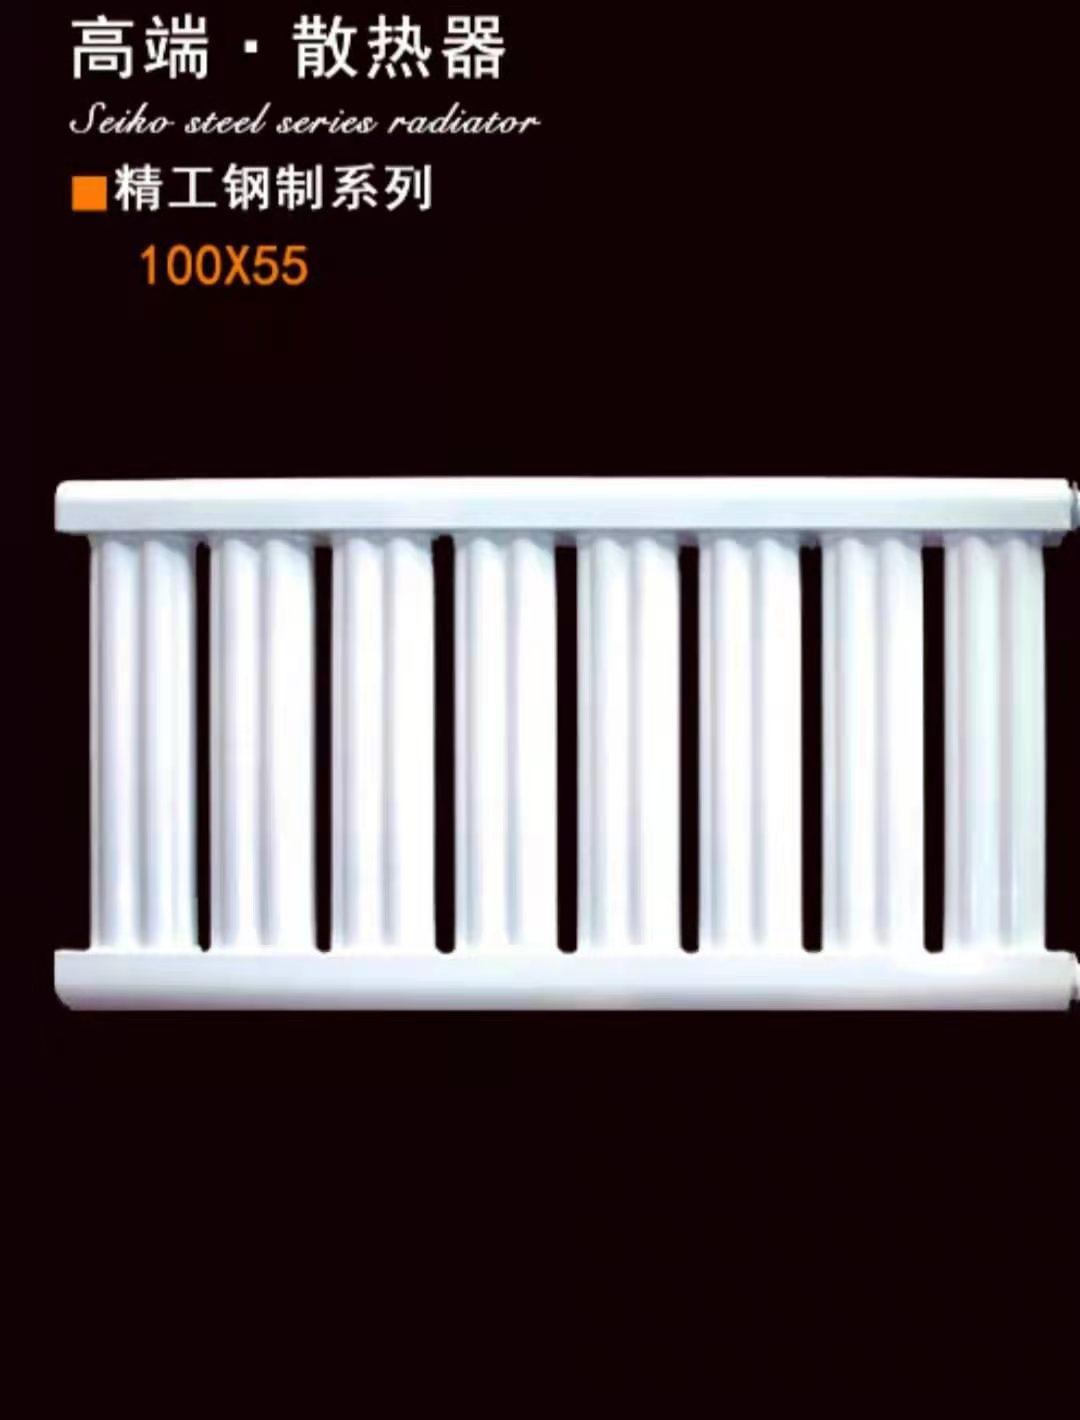 桦川县钢二柱暖气片厂家直销